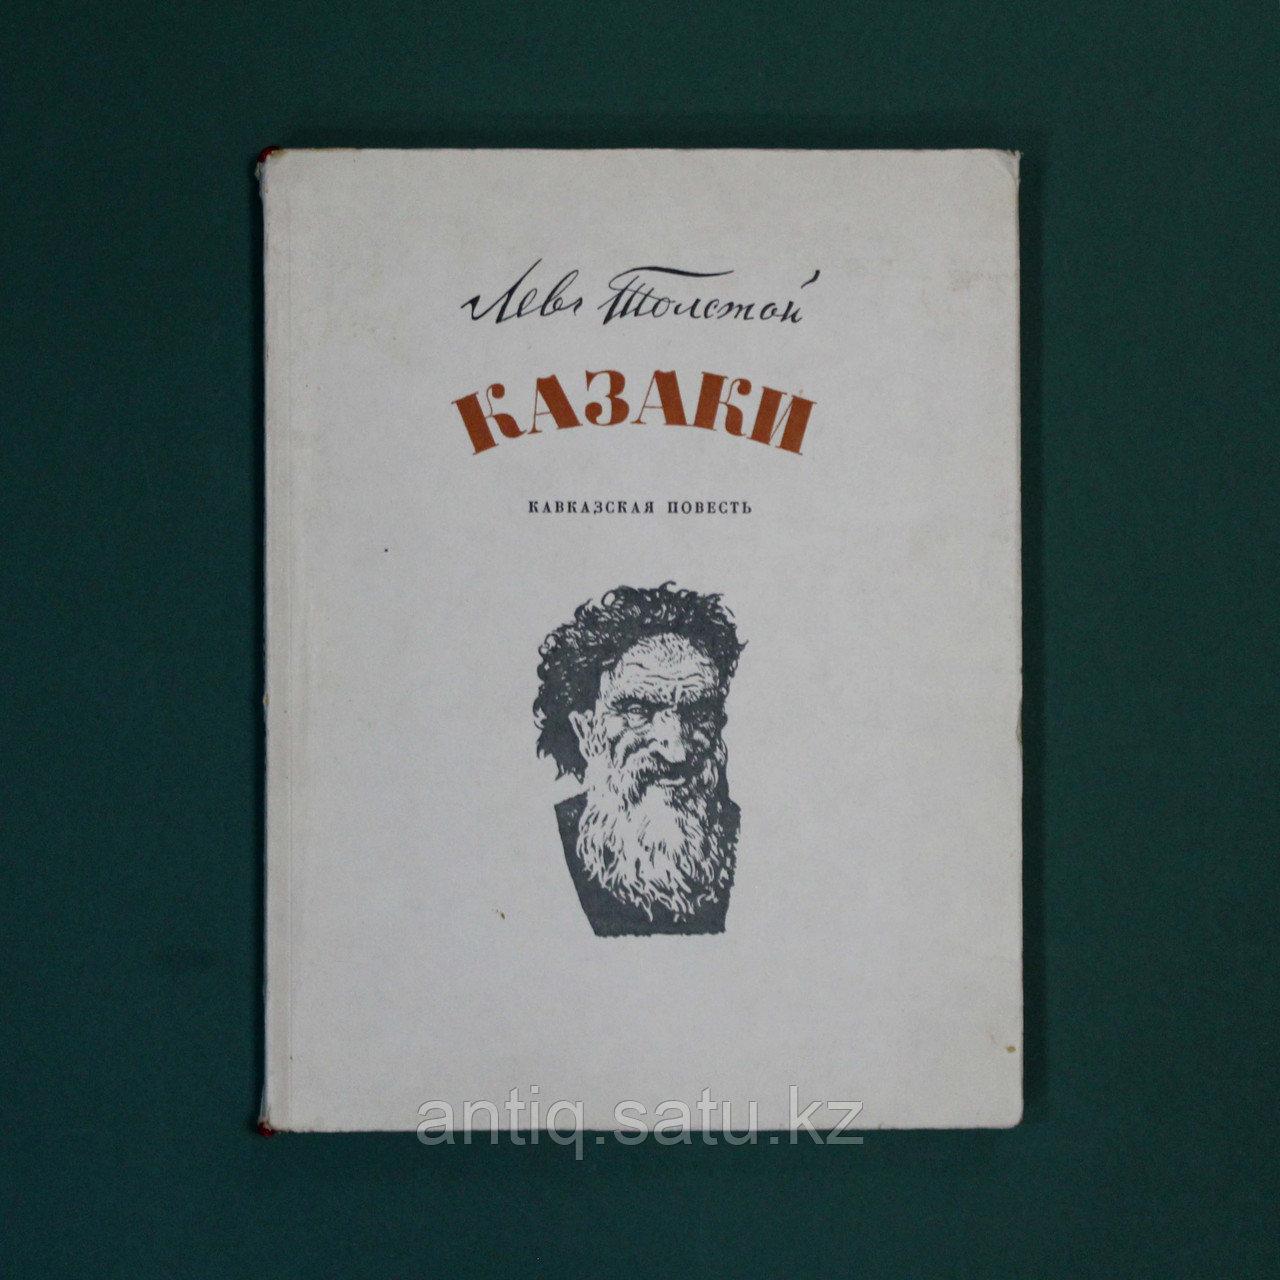 Л. Н. ТОЛСТОЙ. ПОВЕСТЬ «КАЗАКИ» Лев Николаевич Толстой (1828-1910). - фото 1